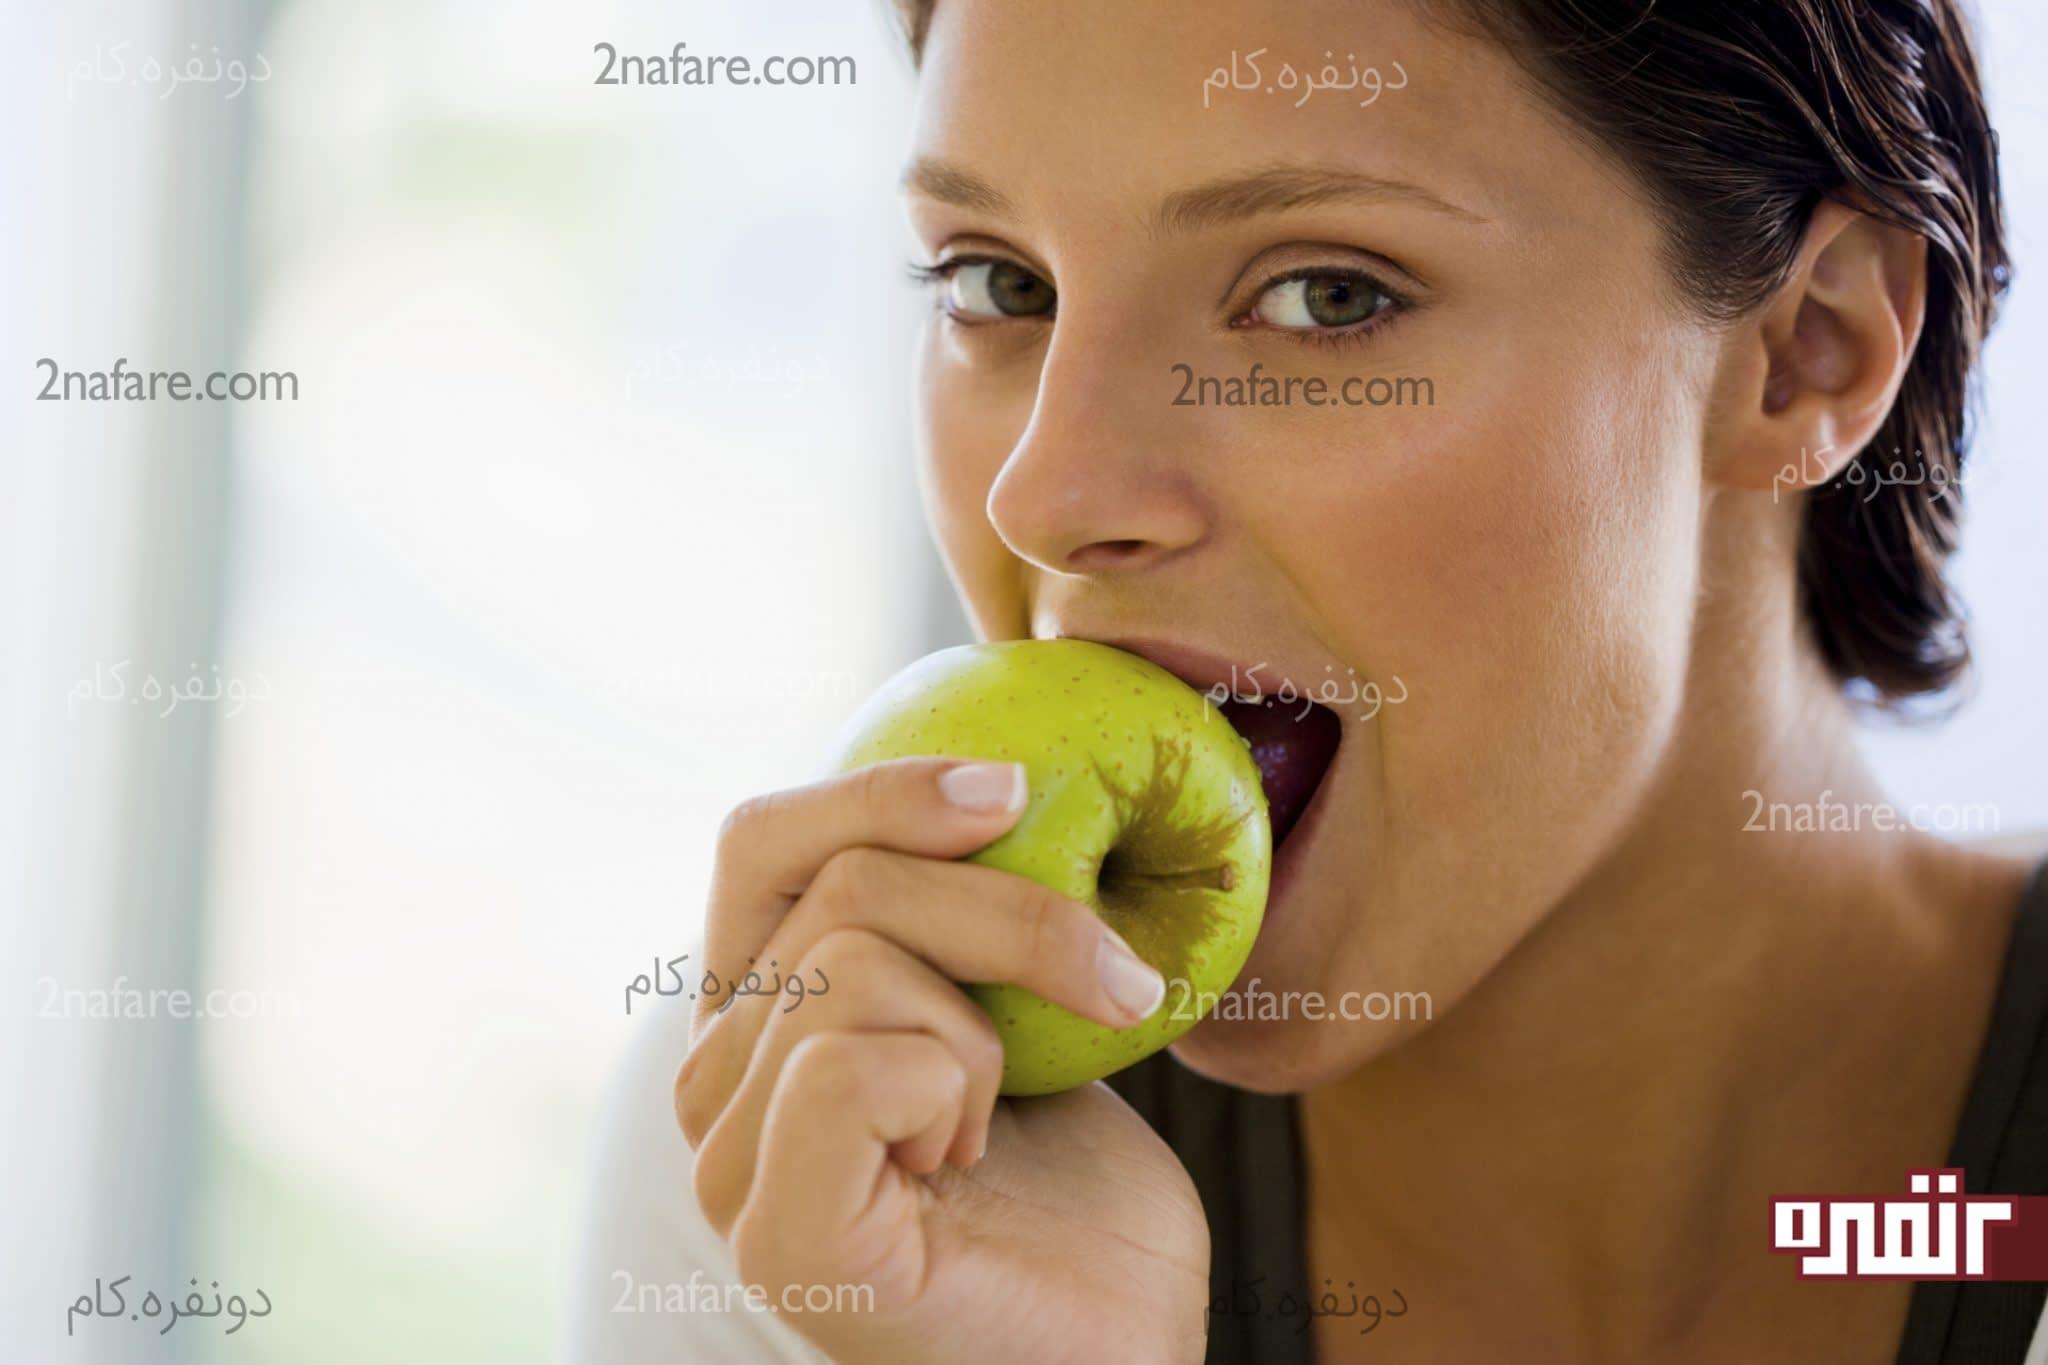 چی برای هضم غذا خوبه